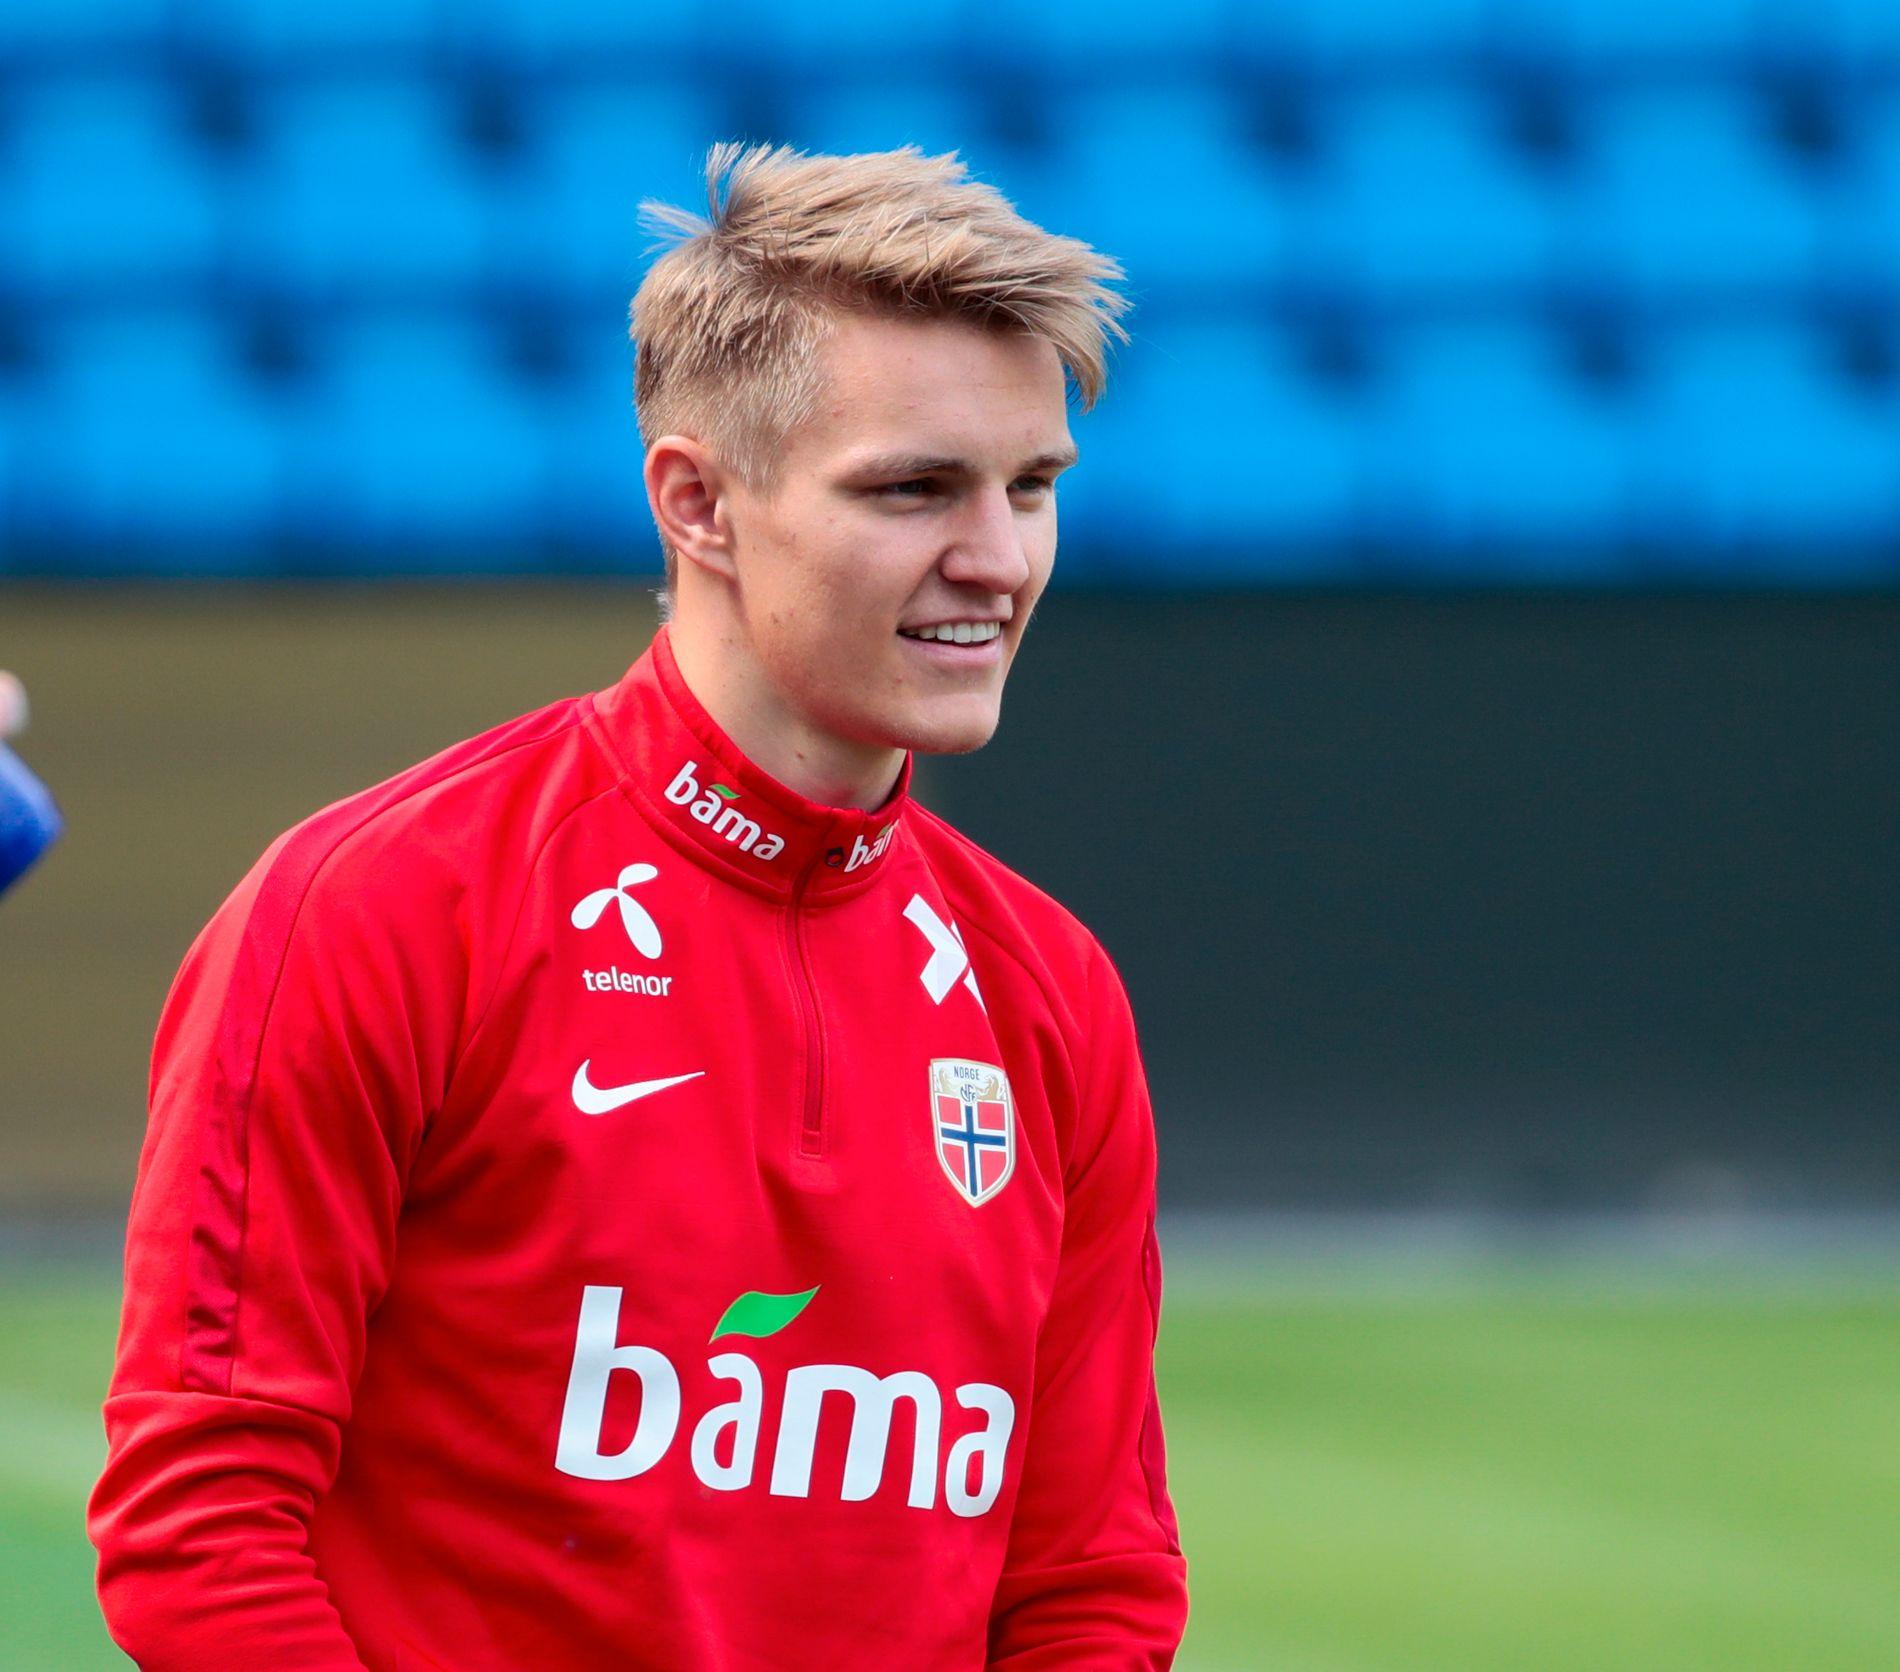 BREDSIDE: Martin Ødegaard angrep Ada Hegerberg for å skape støy foran VM i fotball. Angrepet skapte enda mer støy, påpeker BT-kommentator Anders Pamer.